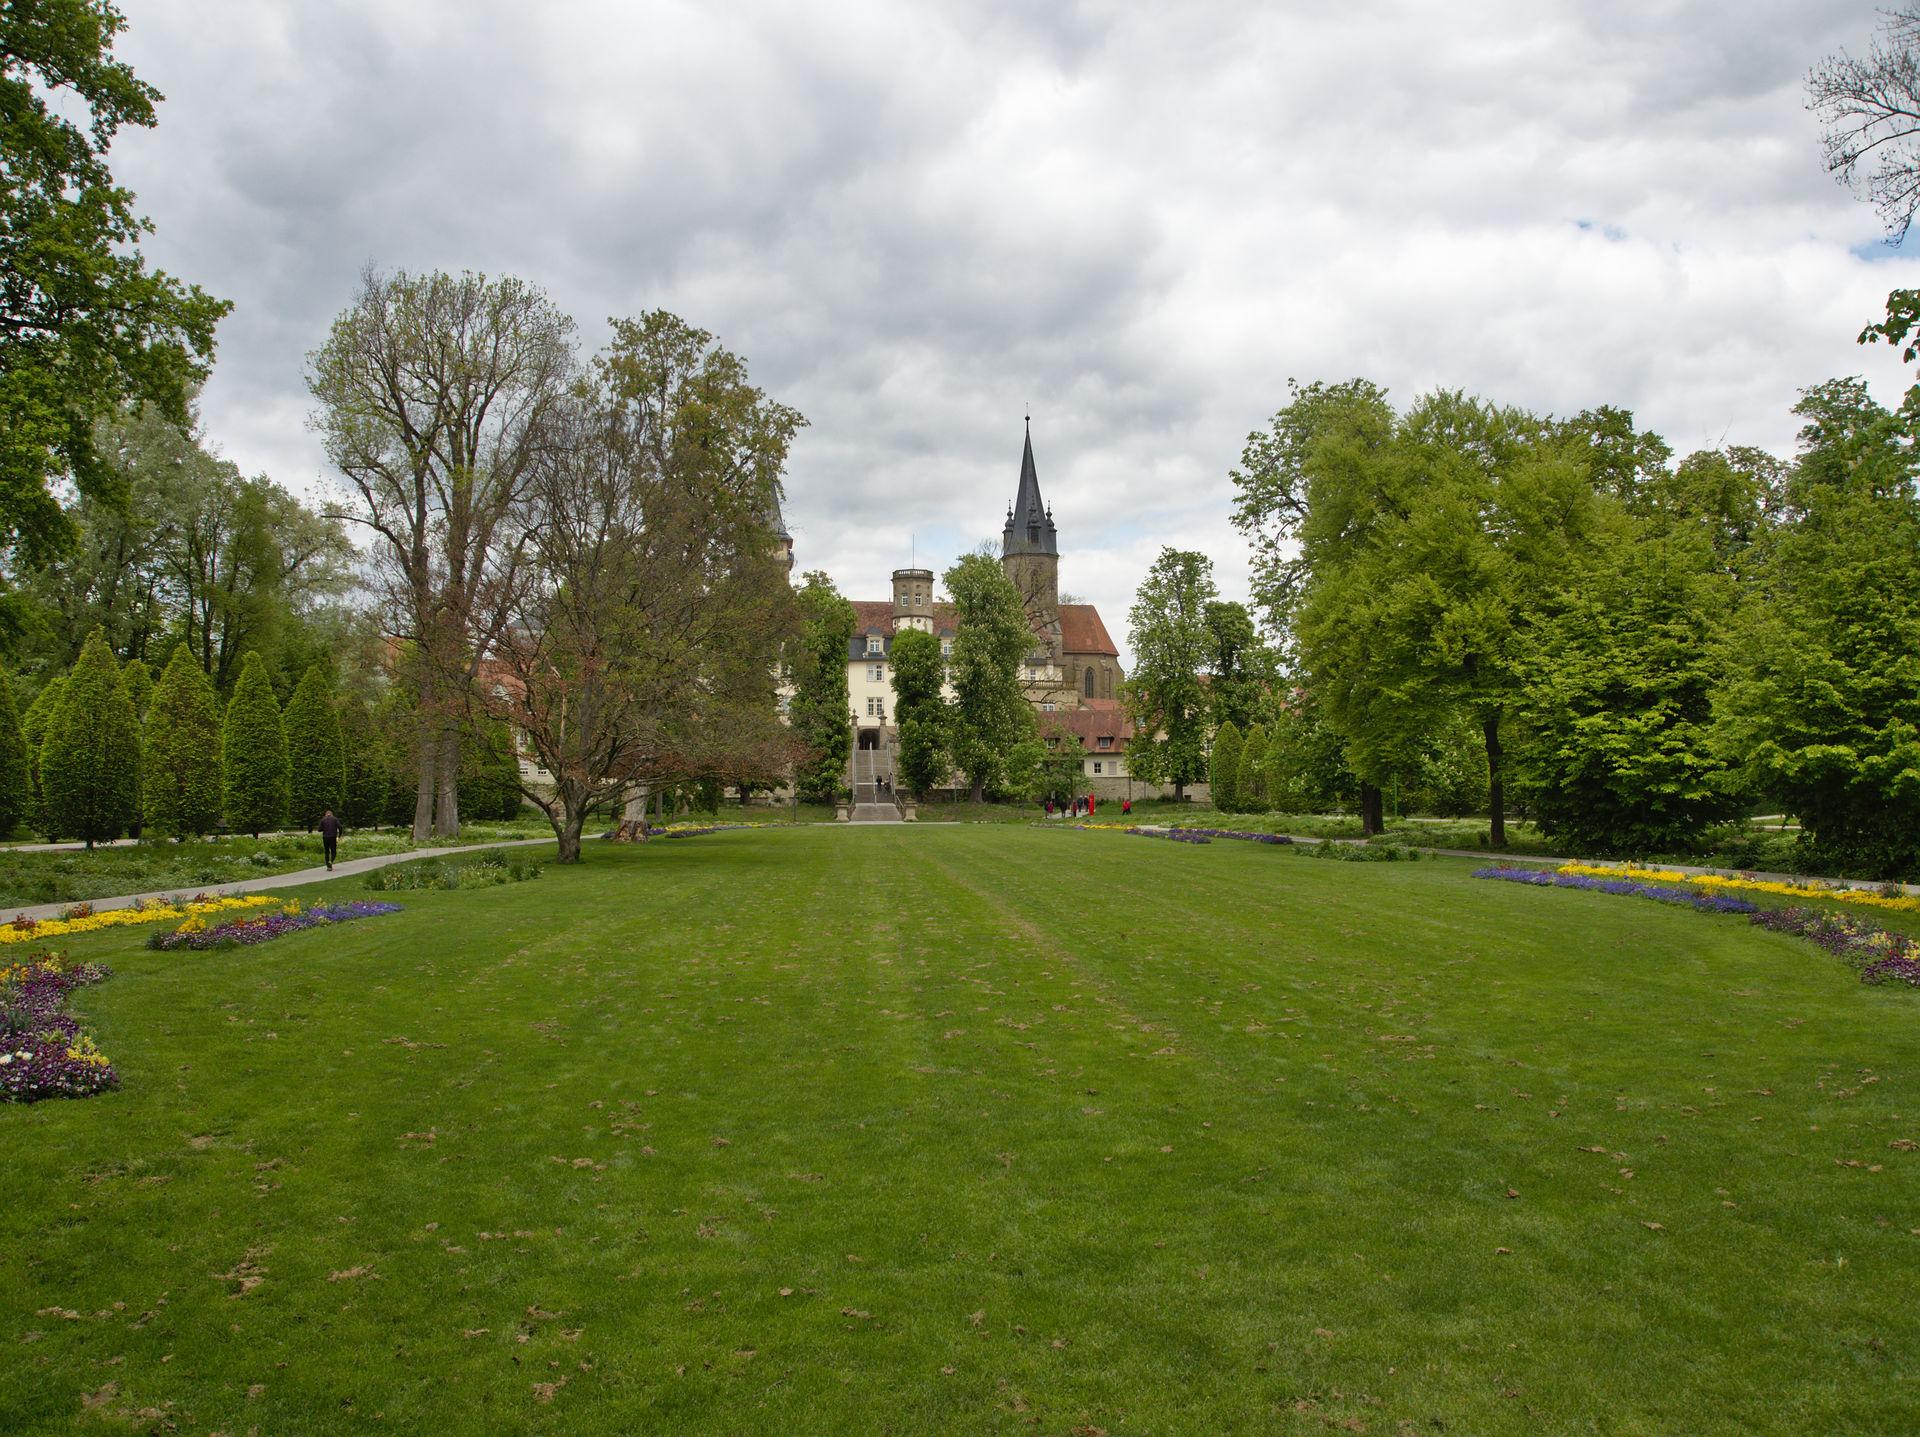 20190505_Oehringen_017